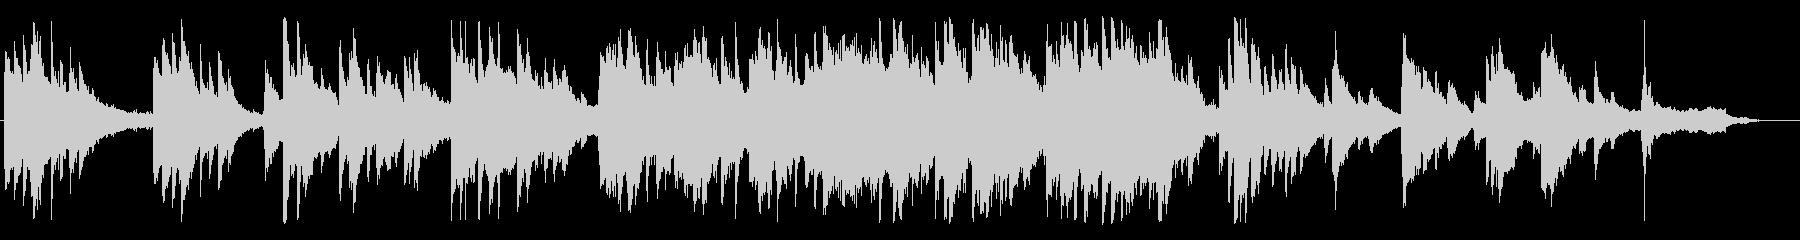 切なく、透き通るようなピアノBGMの未再生の波形